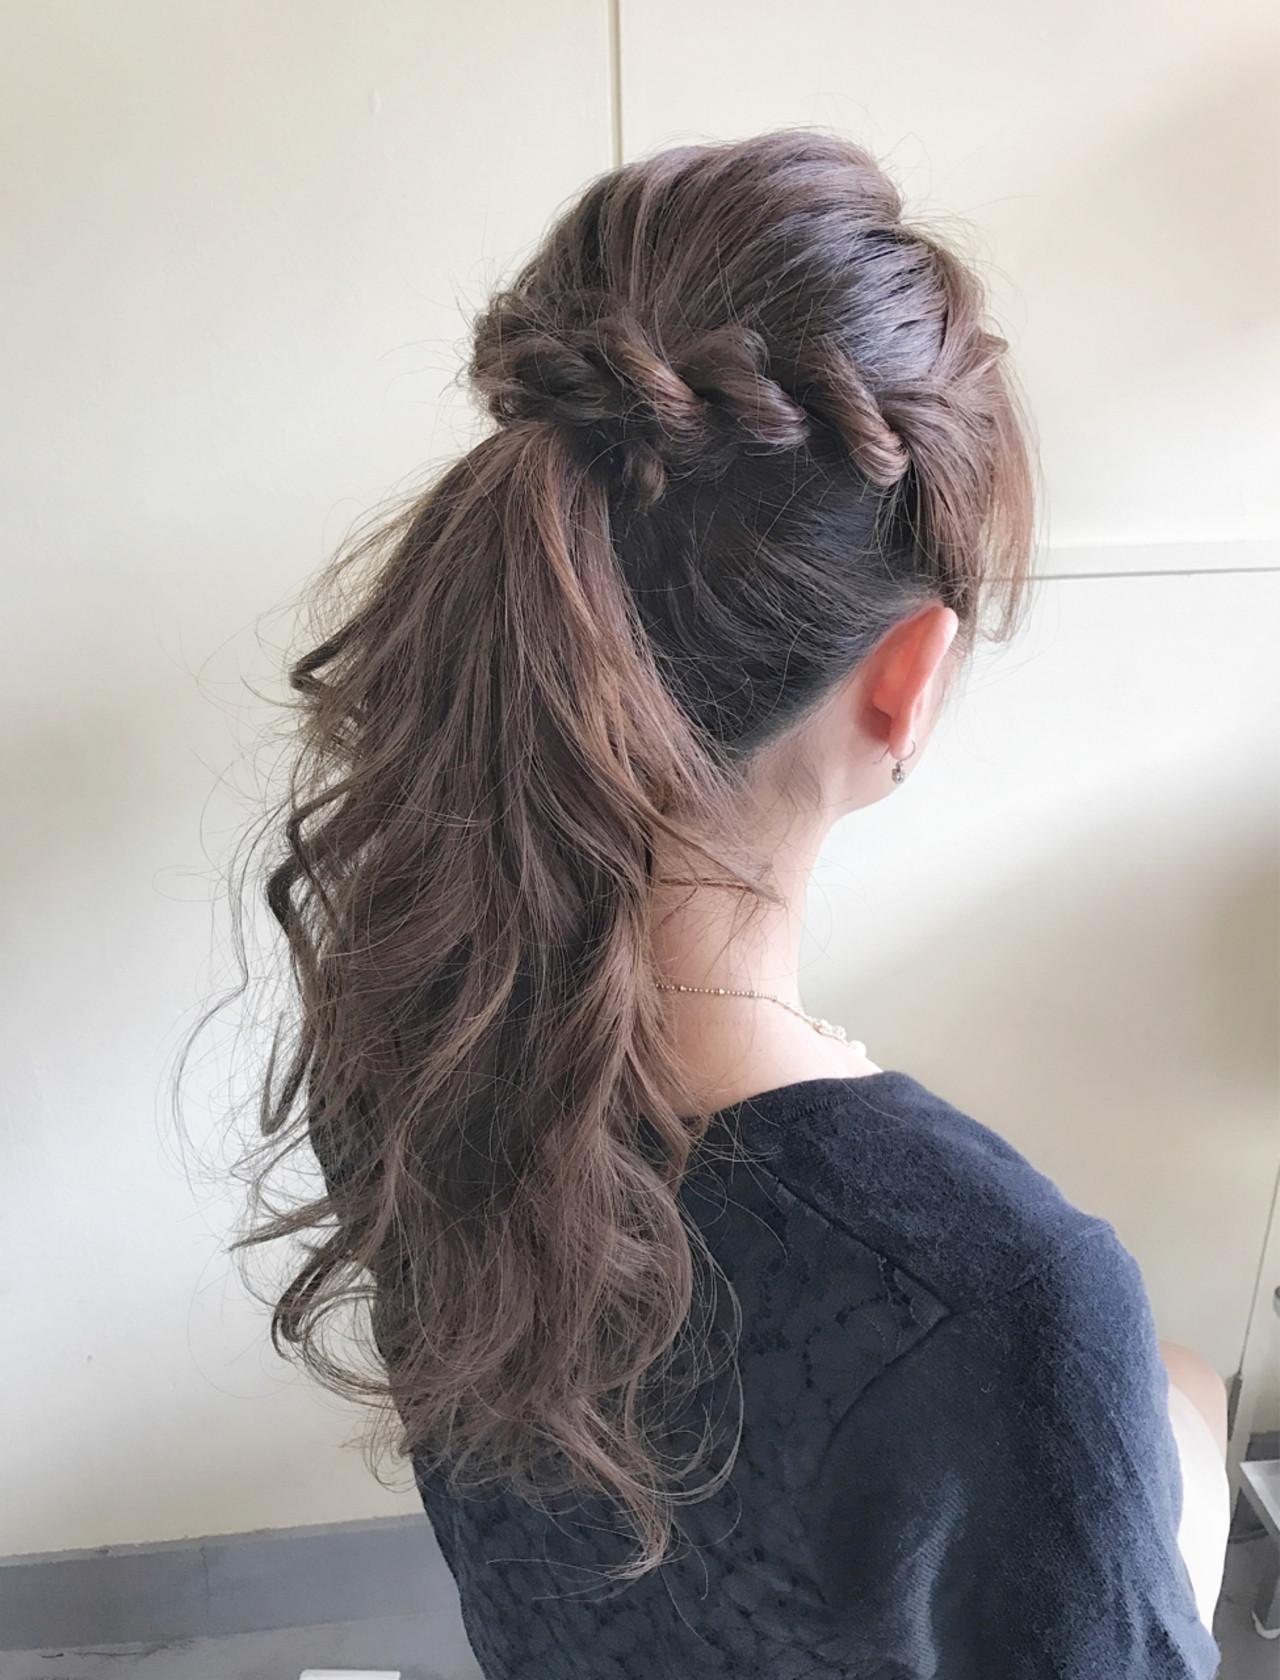 毎日のヘアスタイルに変化を!アップアレンジでおしゃれ度もアップ♡  サワ